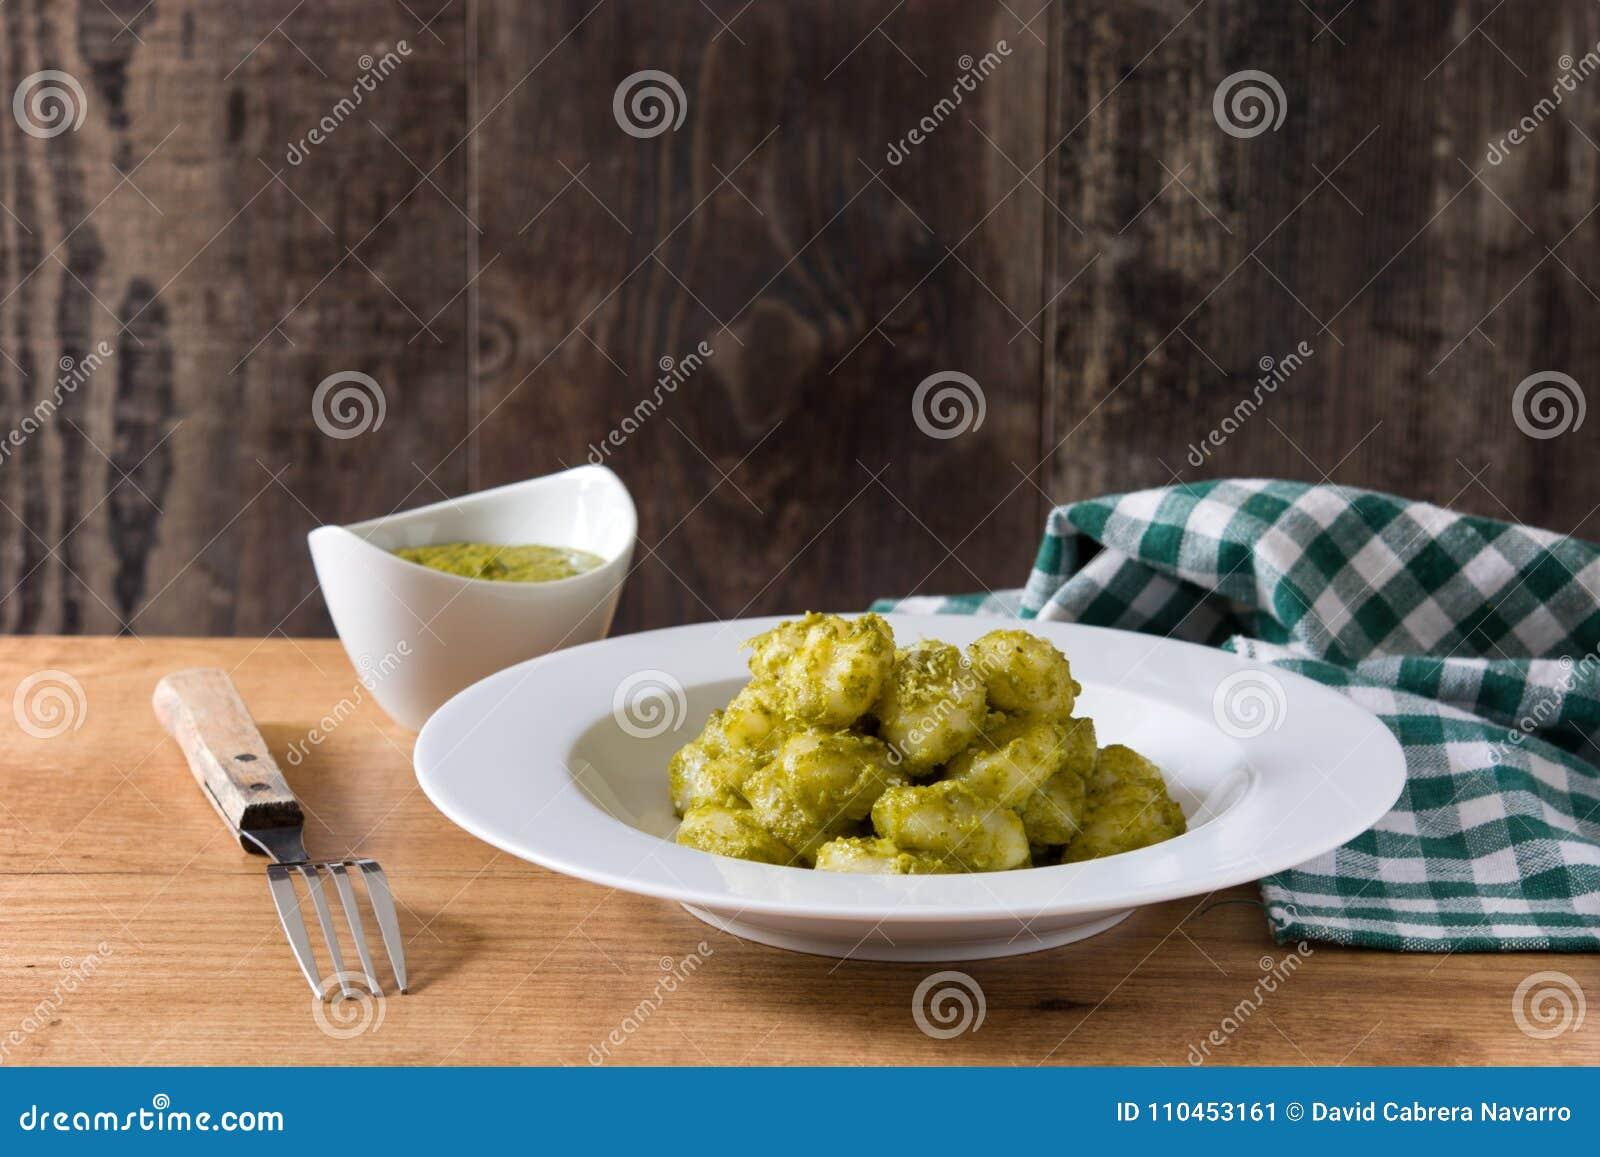 Gnocchi med pestosås i platta på trä